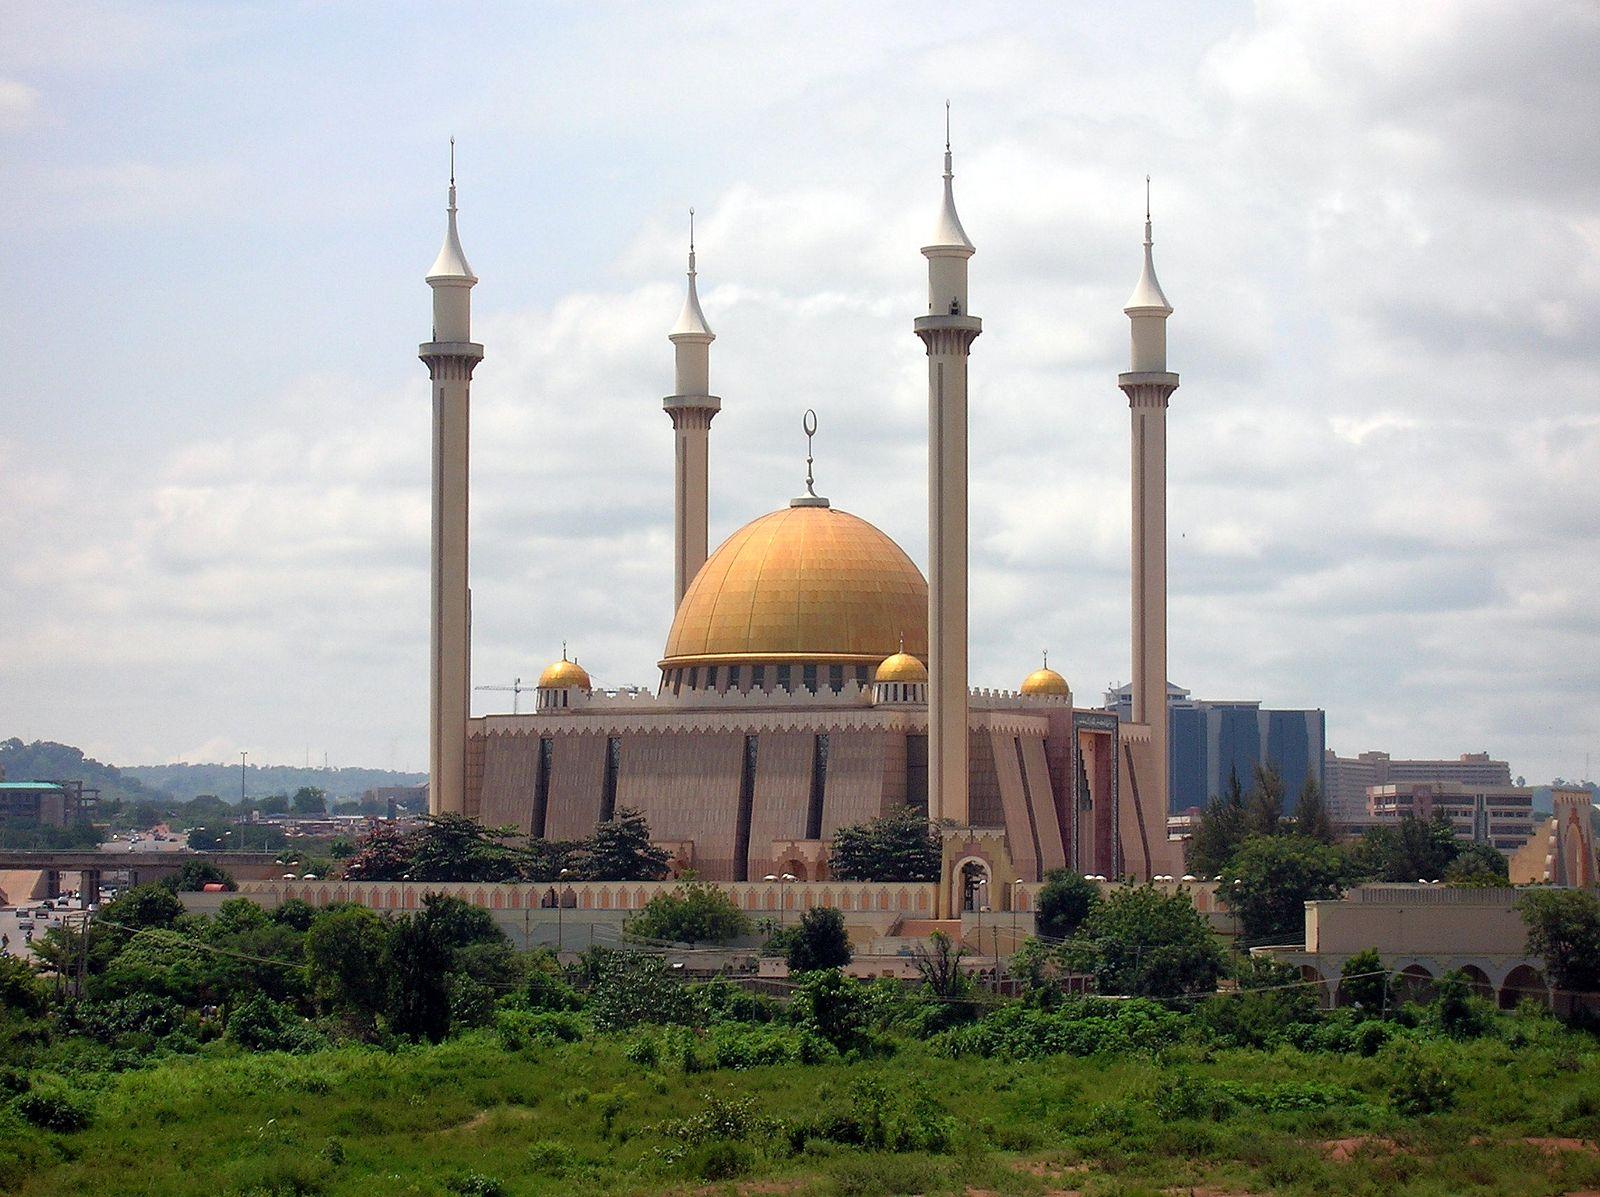 A beautiful mosque in Nigeria